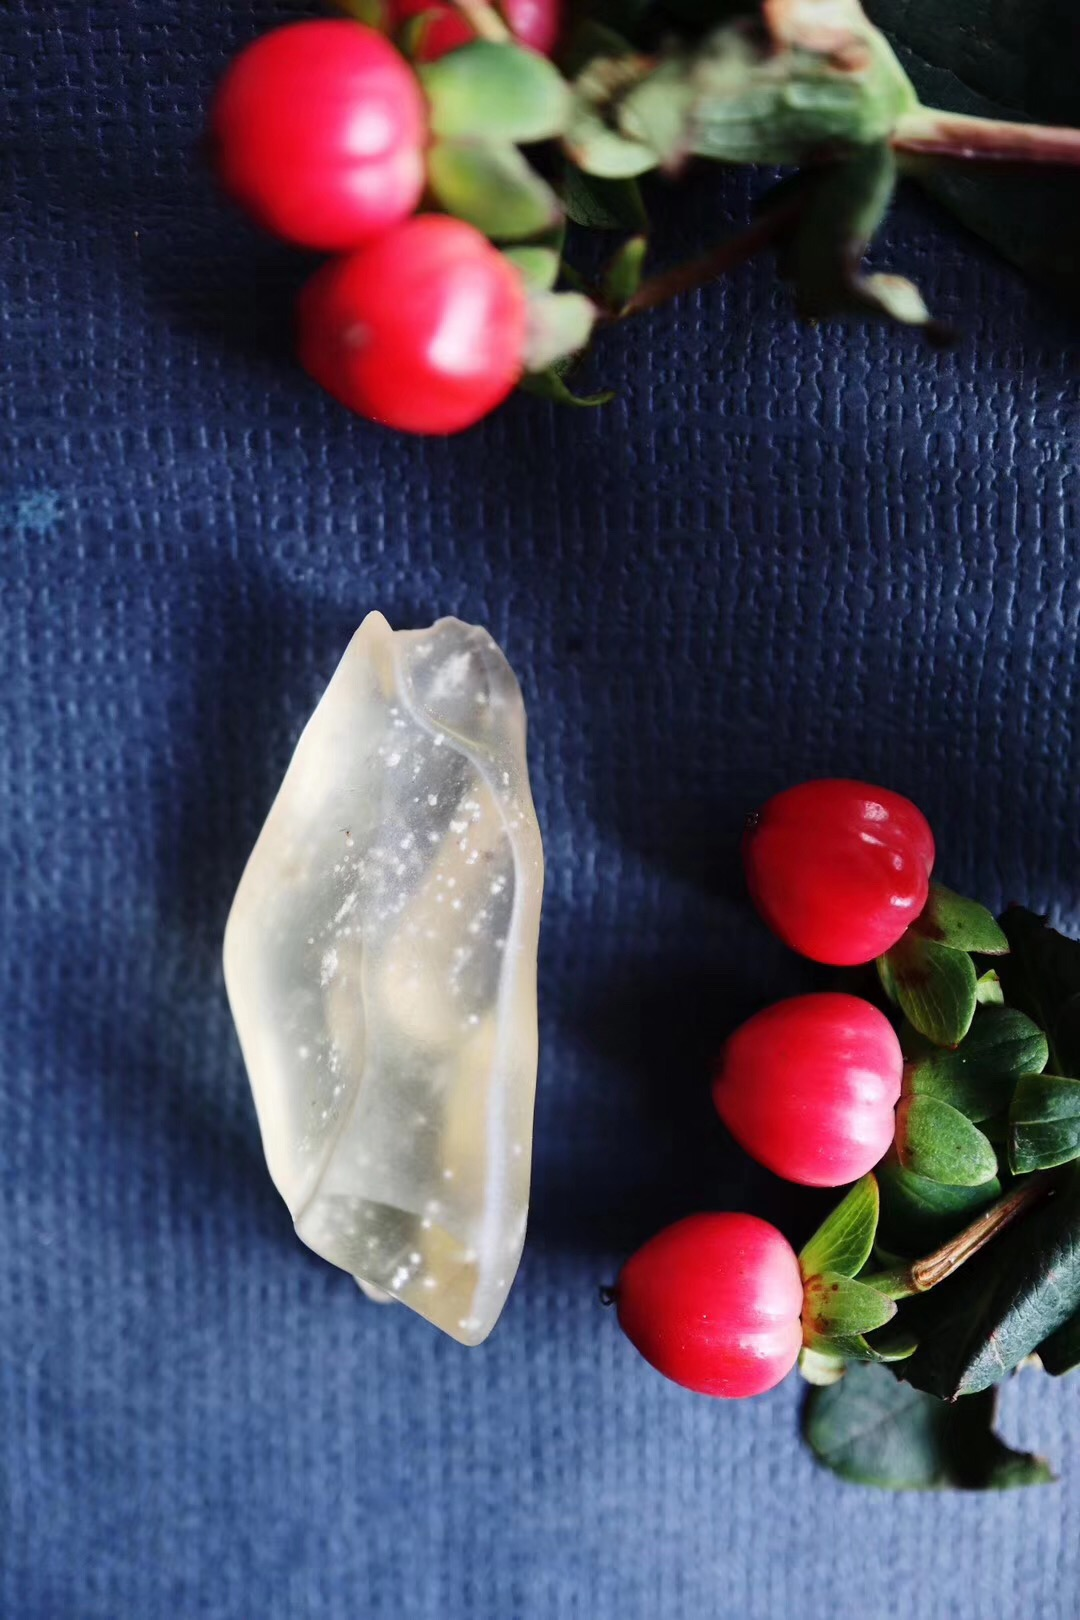 【利比亚陨石】阿德维拉,代表着奉献、纯净和对神的信仰-菩心晶舍